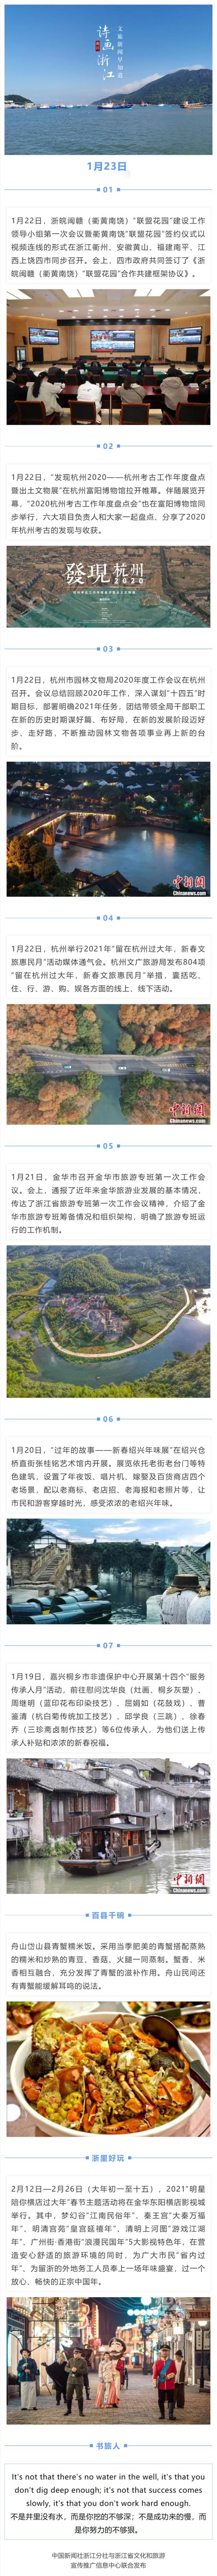 1月23日 诗画浙江·文旅新闻早知道